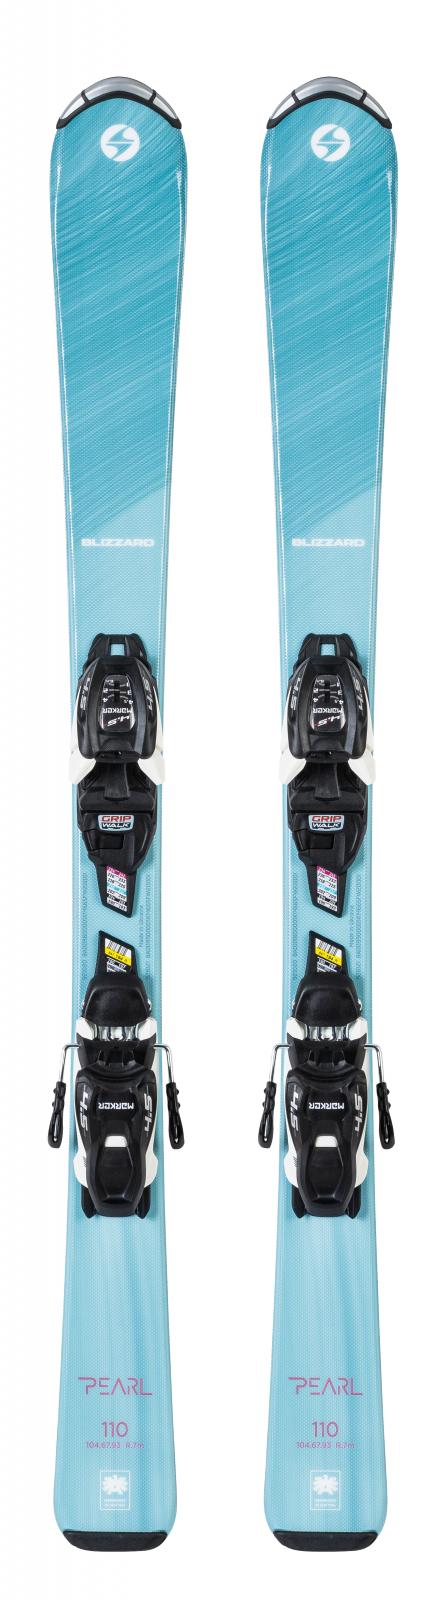 2021 Blizzard Pearl Jr Youth Skis w/ Marker FDT 7.0 Bindings